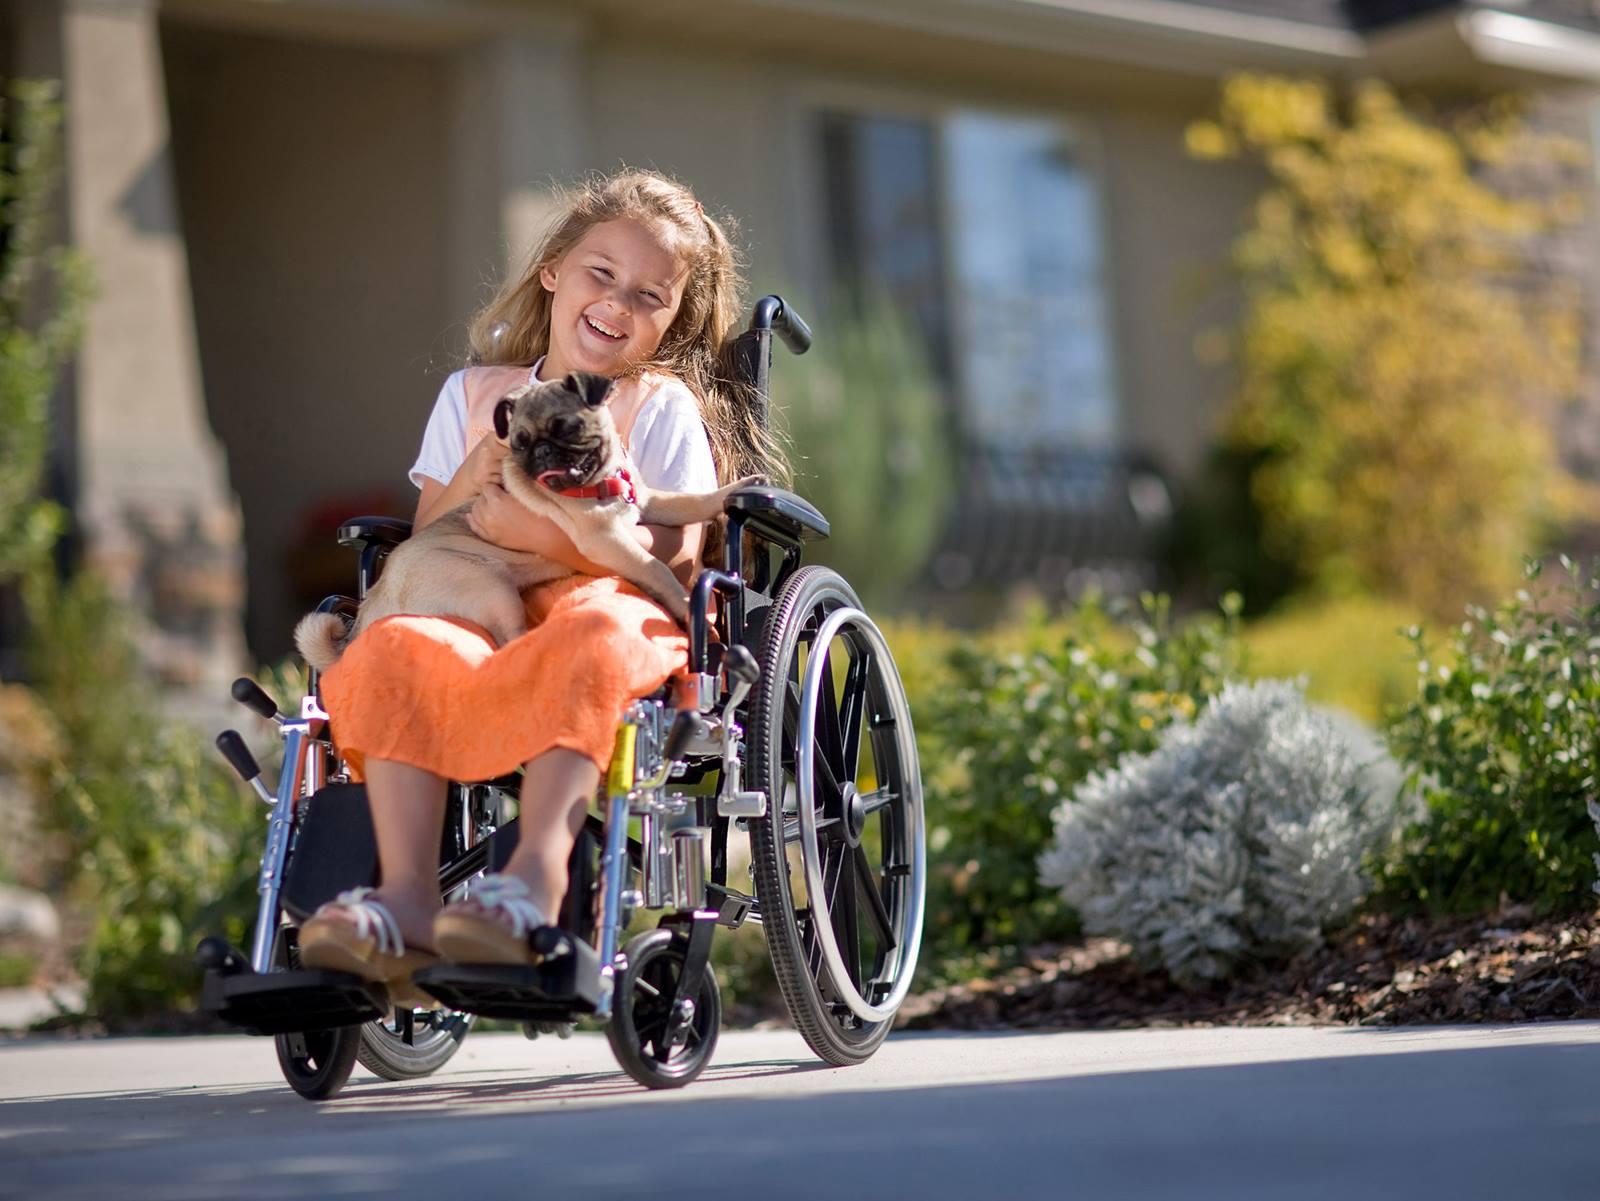 home intermountain healthcare